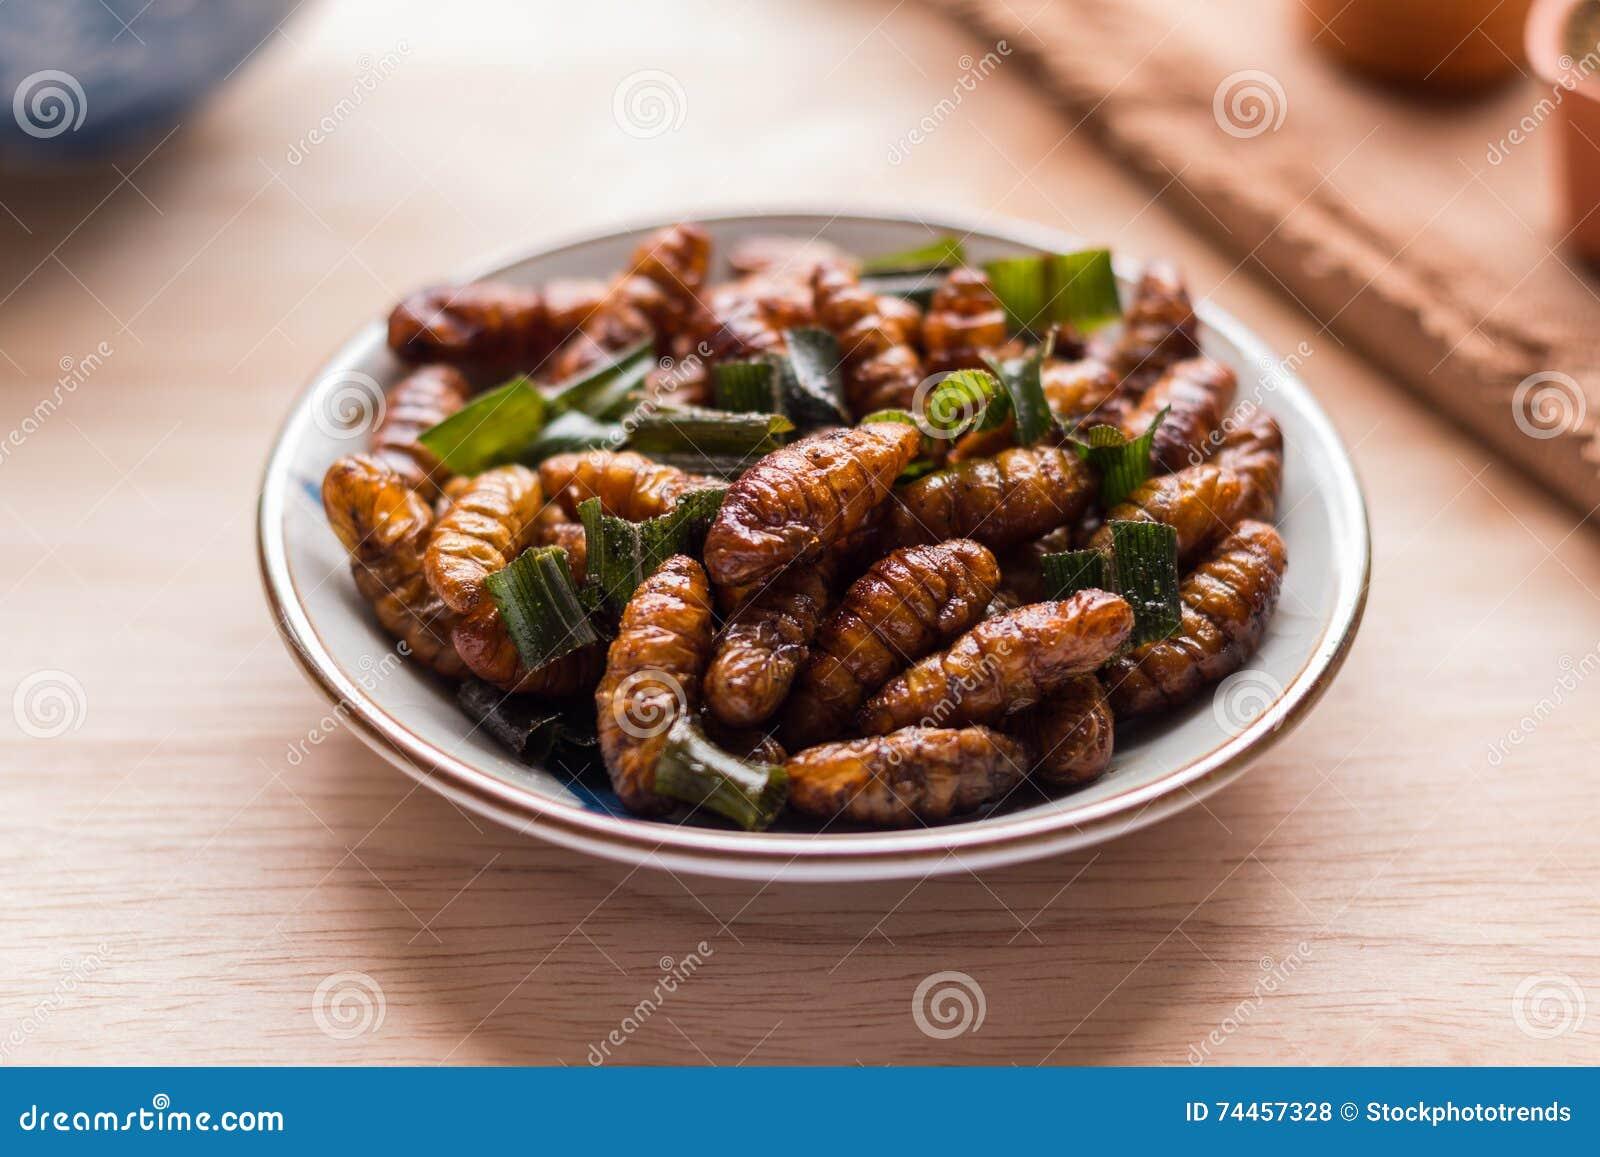 Insectes frits - insecte en bois de ver croustillant avec pandan après frit